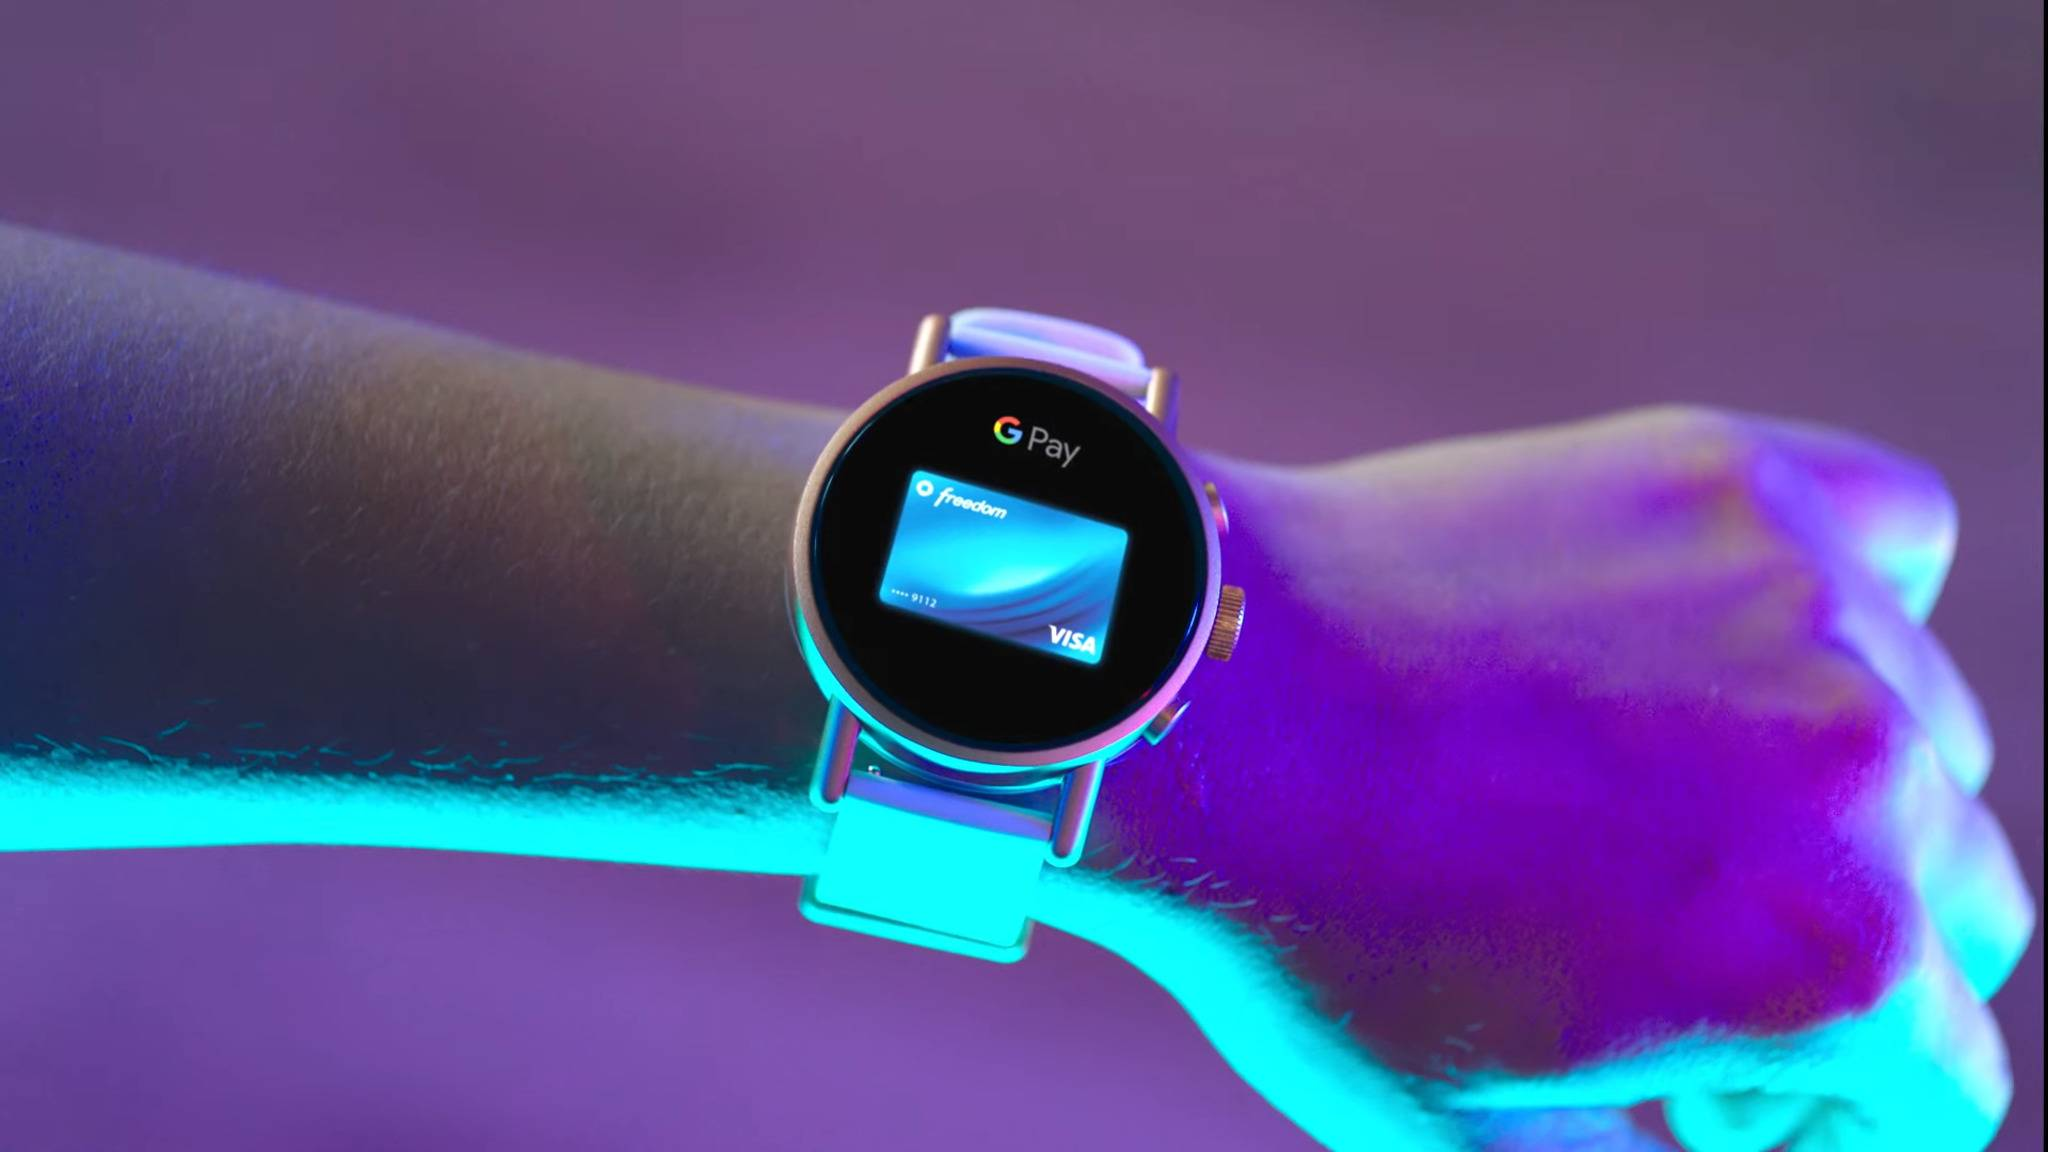 Misfit stellt Smartwatch Vapor X mit Snapdragon Wear 3100 vor